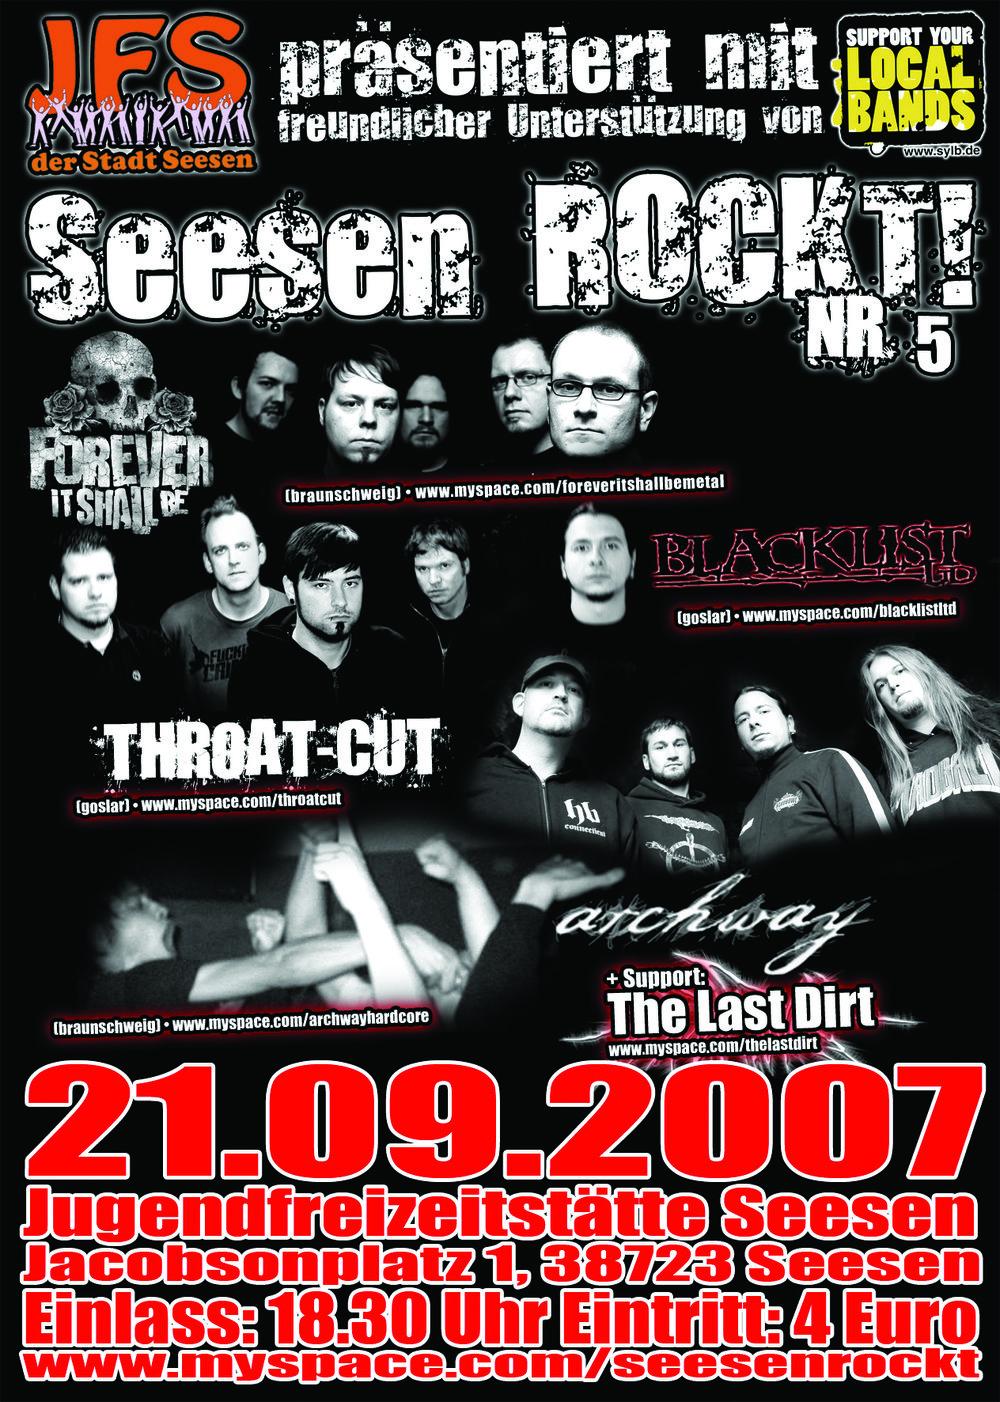 Seesen_Rockt_5_flyer_front.jpg